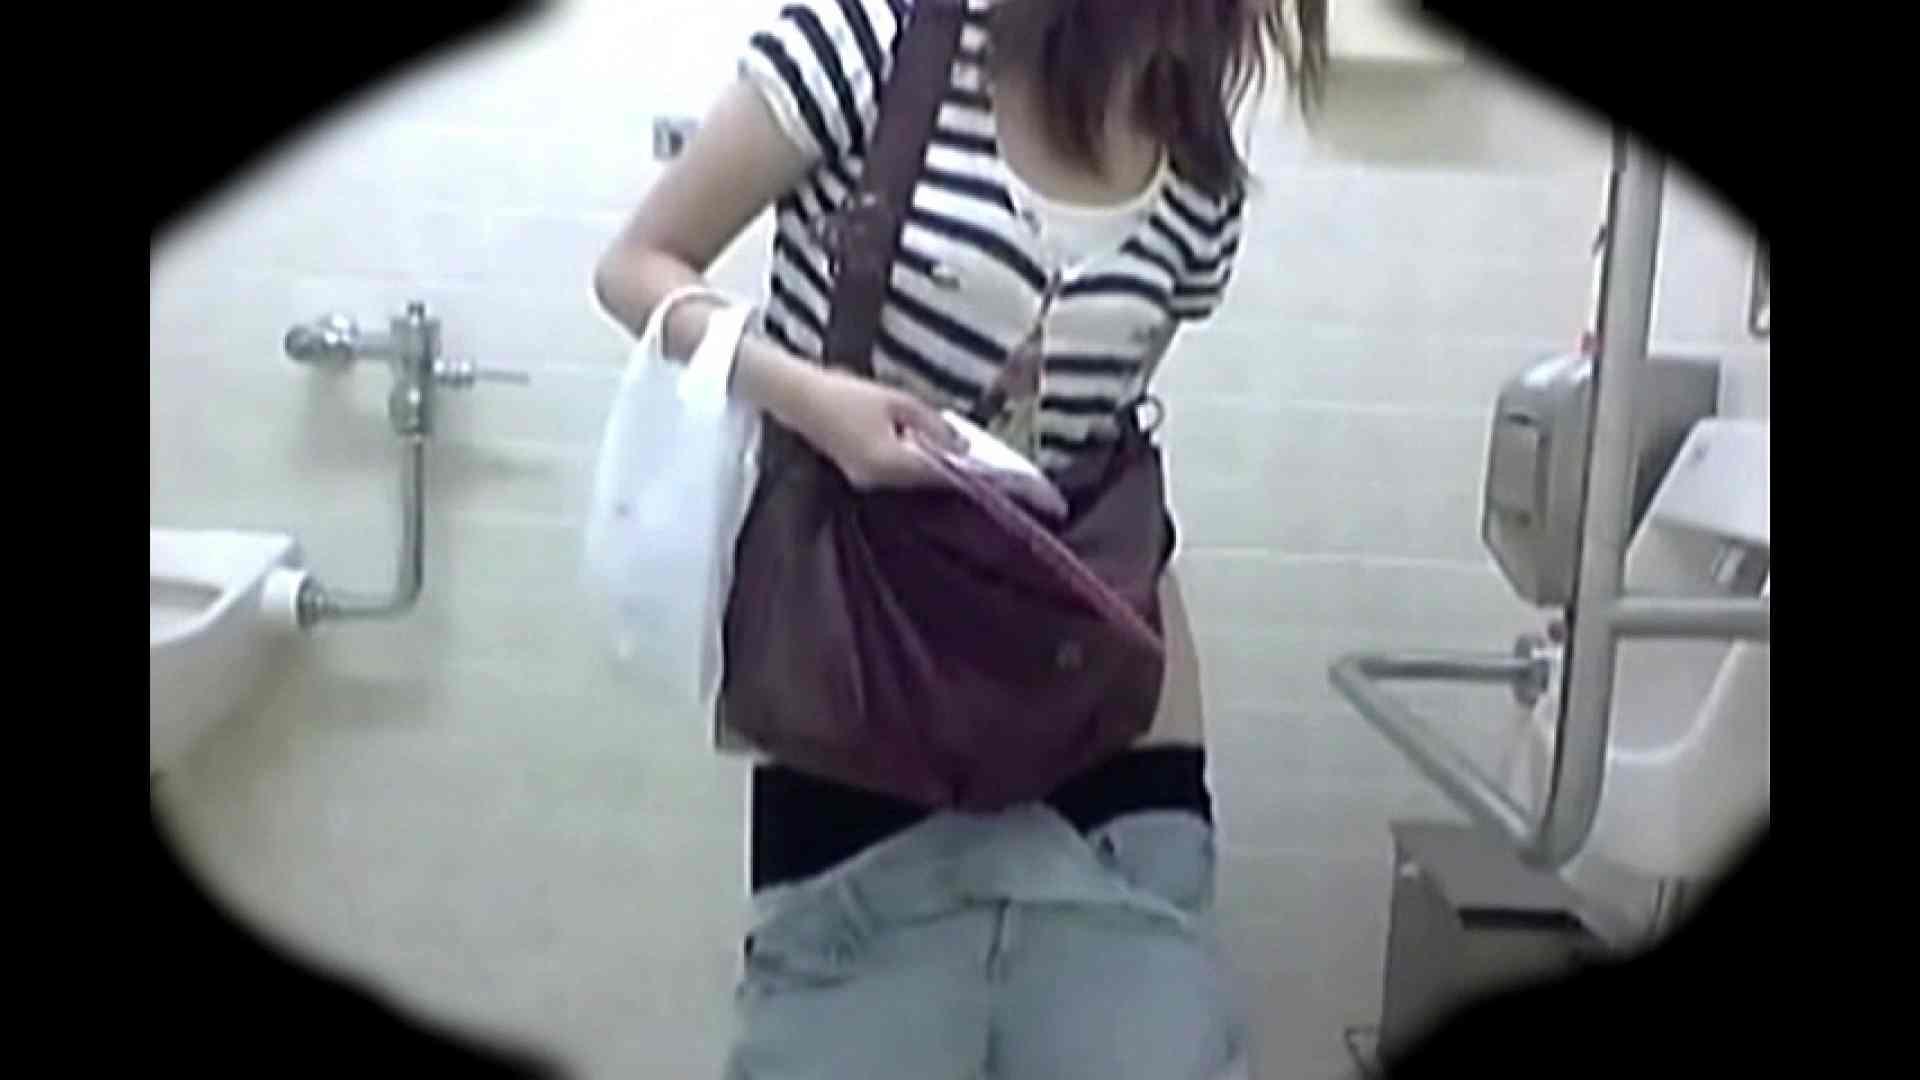 teen galトイレ覗き紙がナイ編‼vol.06 HなOL | トイレ  60pic 46